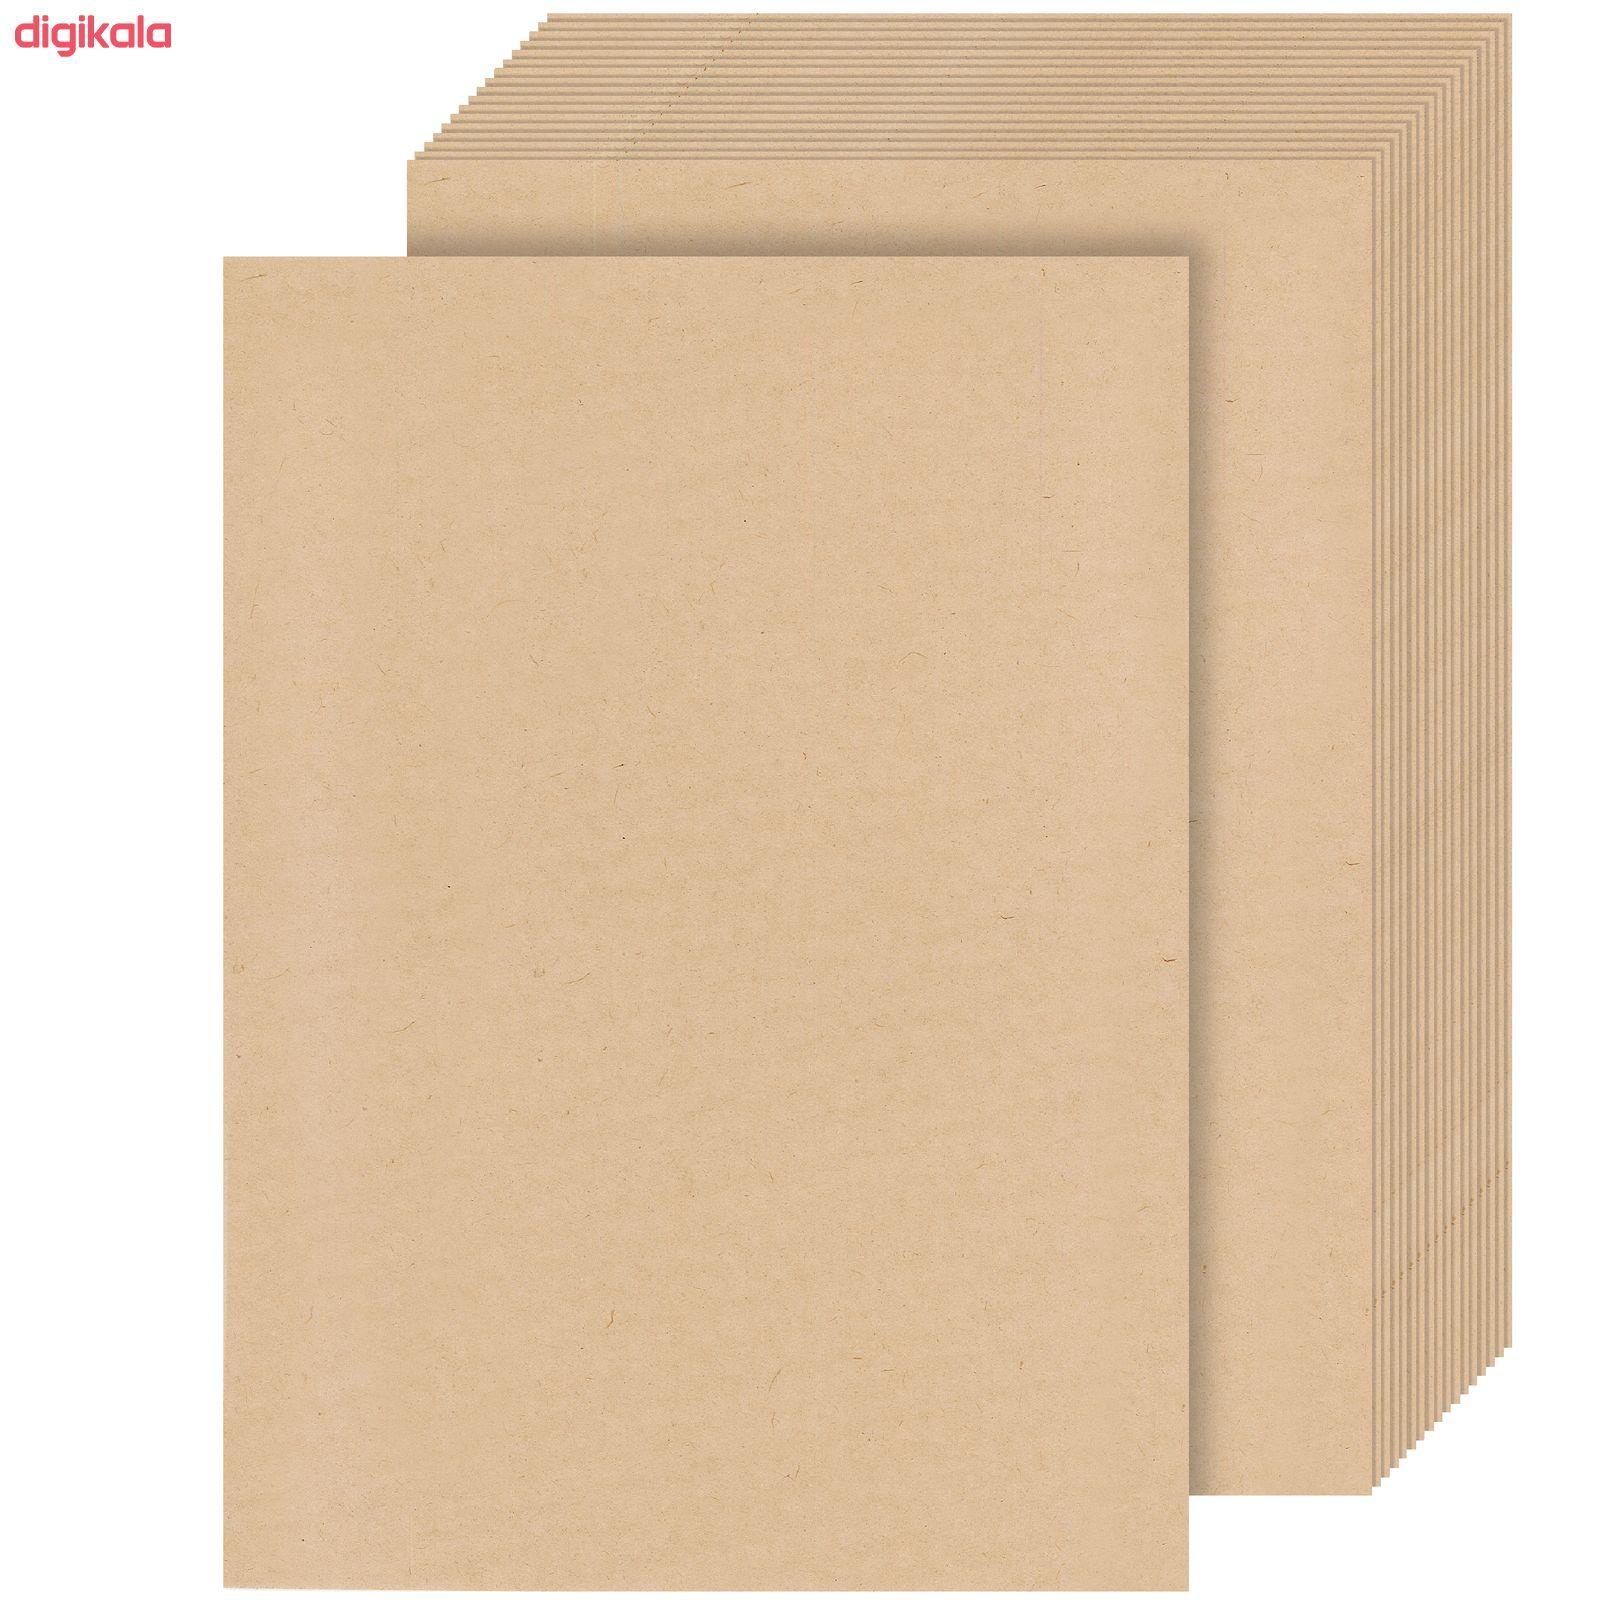 کاغذ کرافت مستر راد کد 1436 بسته 50 عددی main 1 2